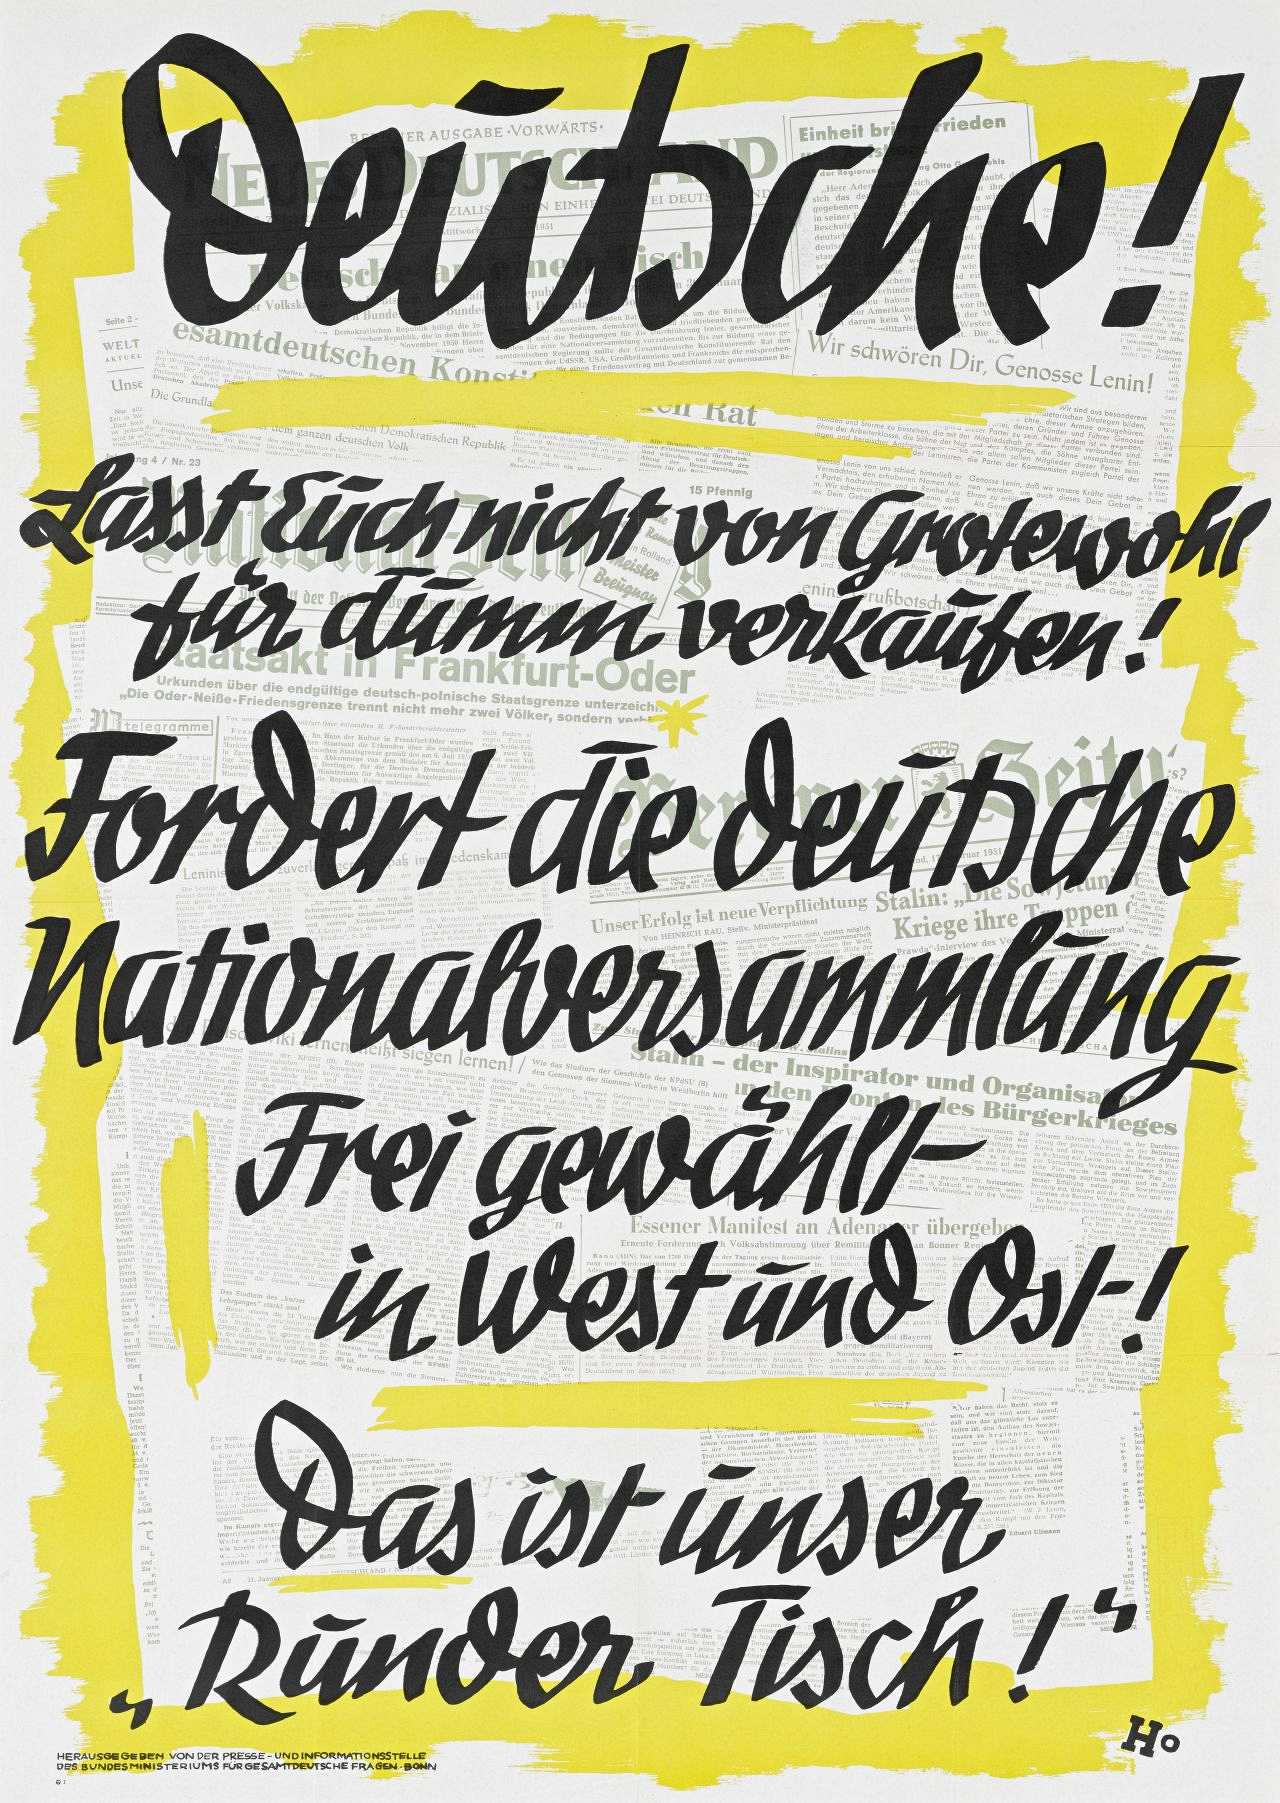 Deutsche manner nicht flirten